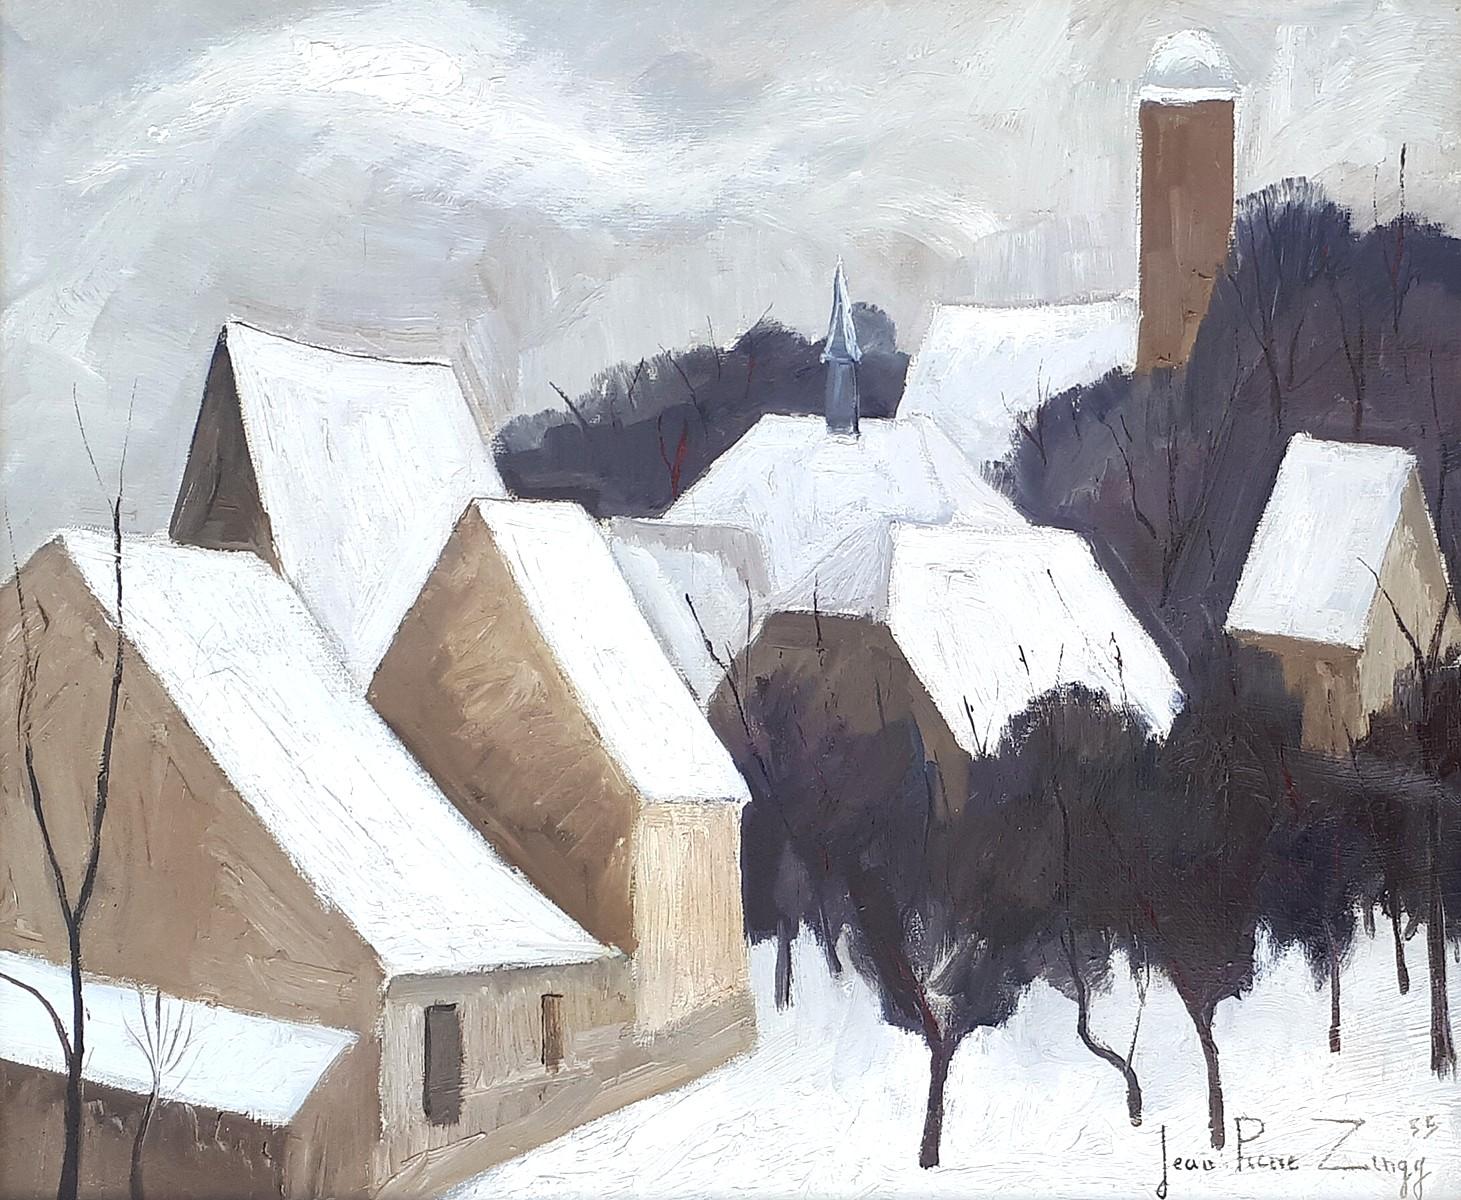 Prix D Un Tableau D Artiste galerie d'art, st-ursanne (suisse), achat-vente de tableaux